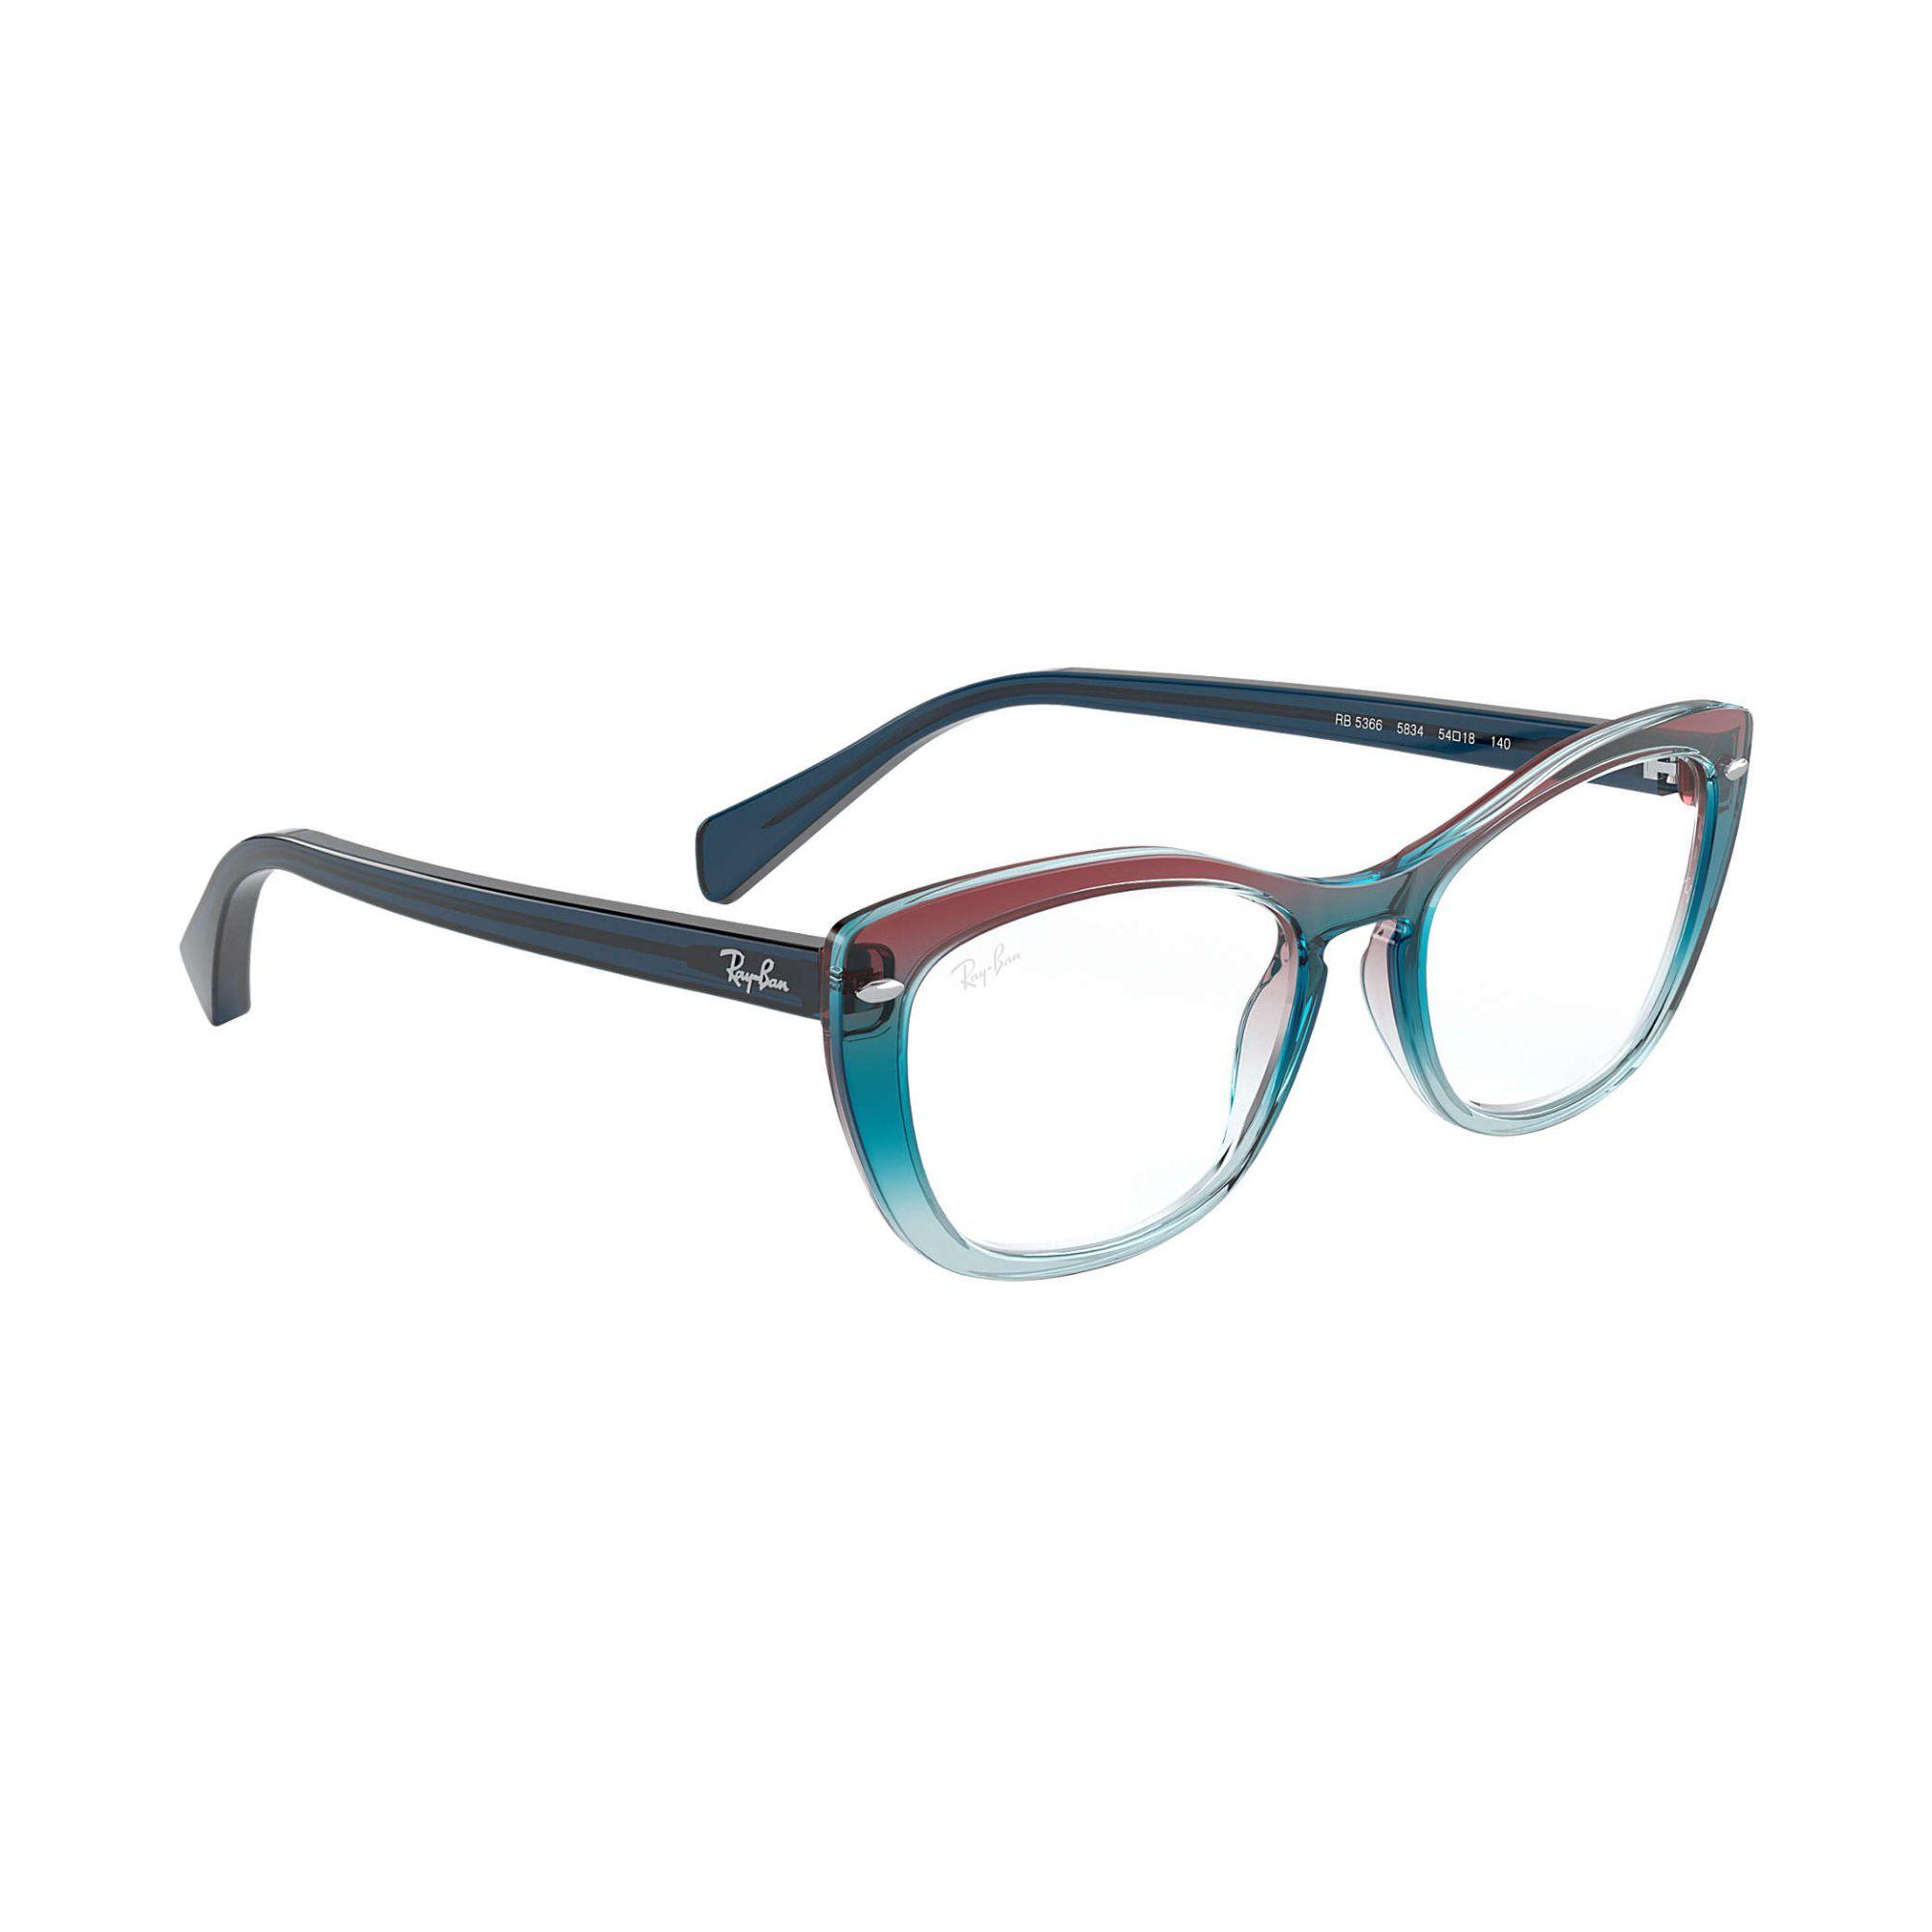 Ray Ban - RB5366 5834 - Óculos de grau